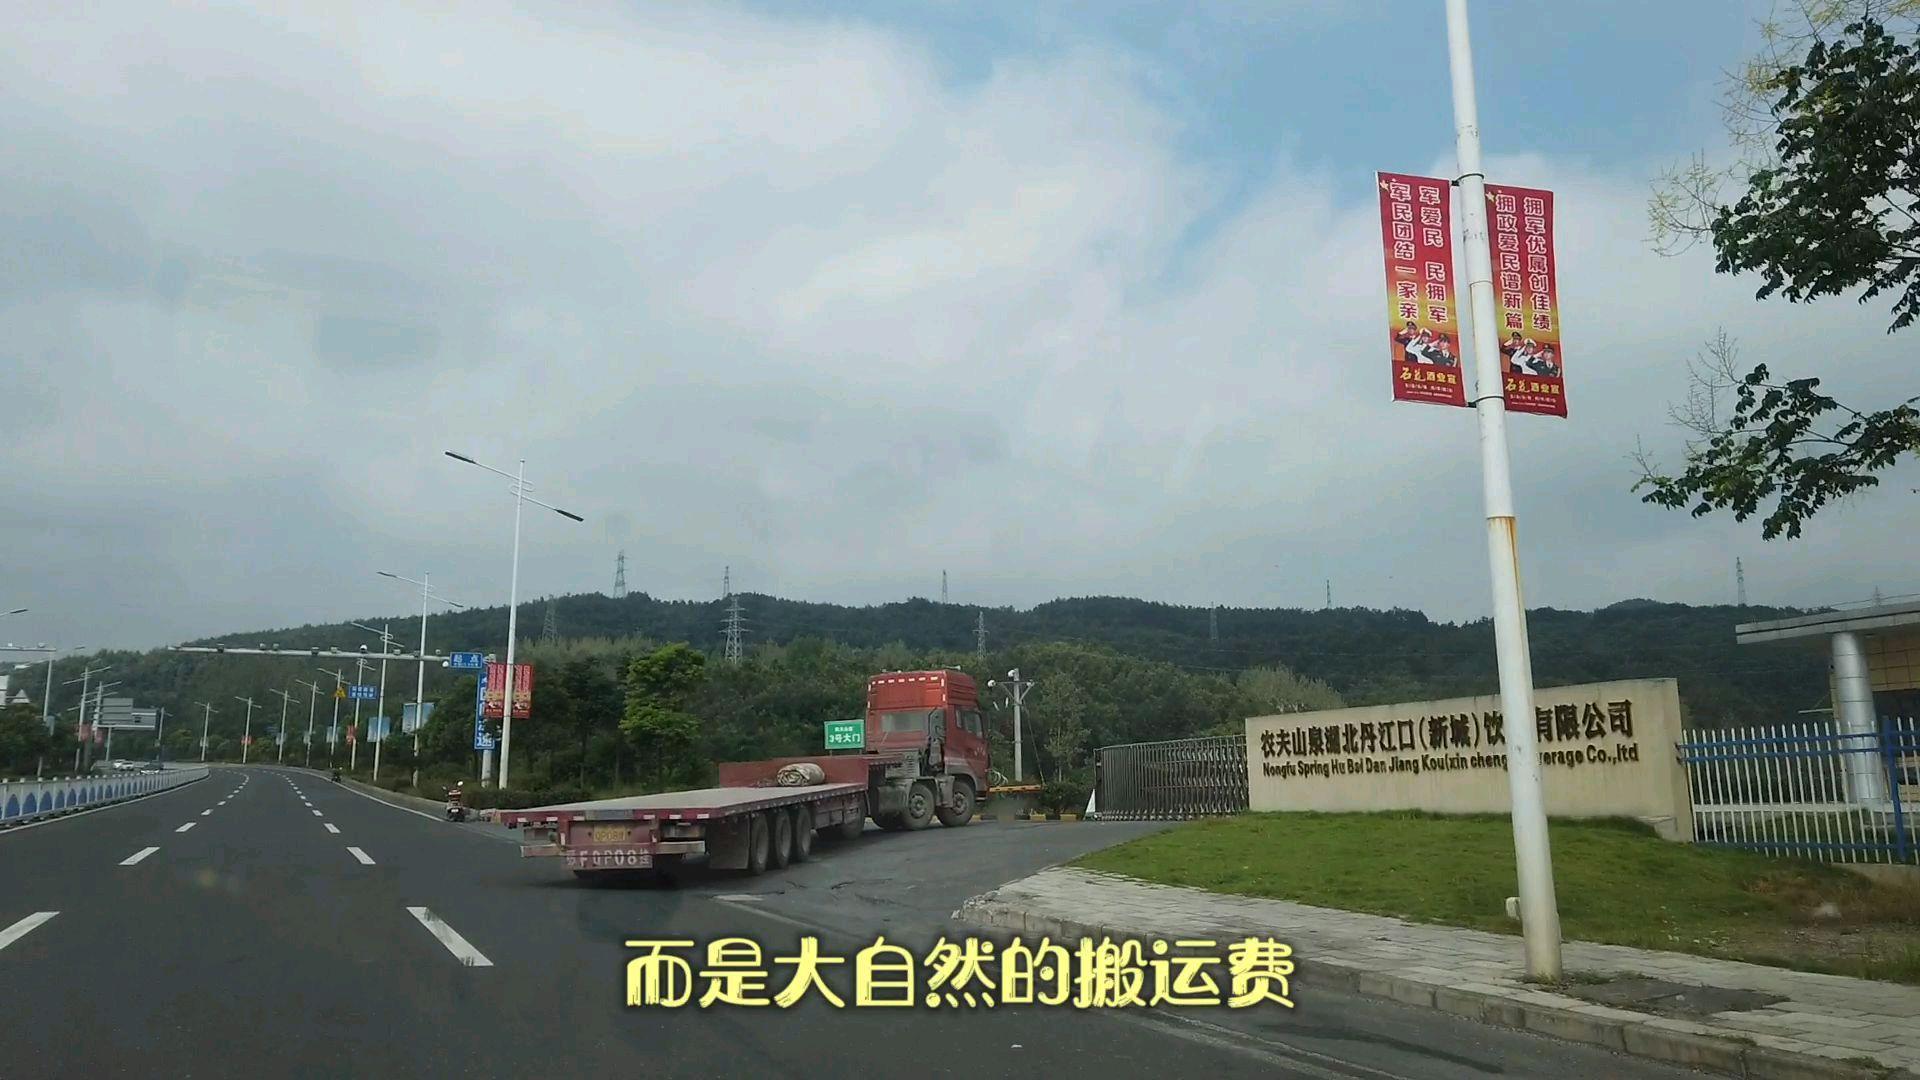 实拍农夫山泉丹江工厂,这里是农夫山泉八大生产基地之一